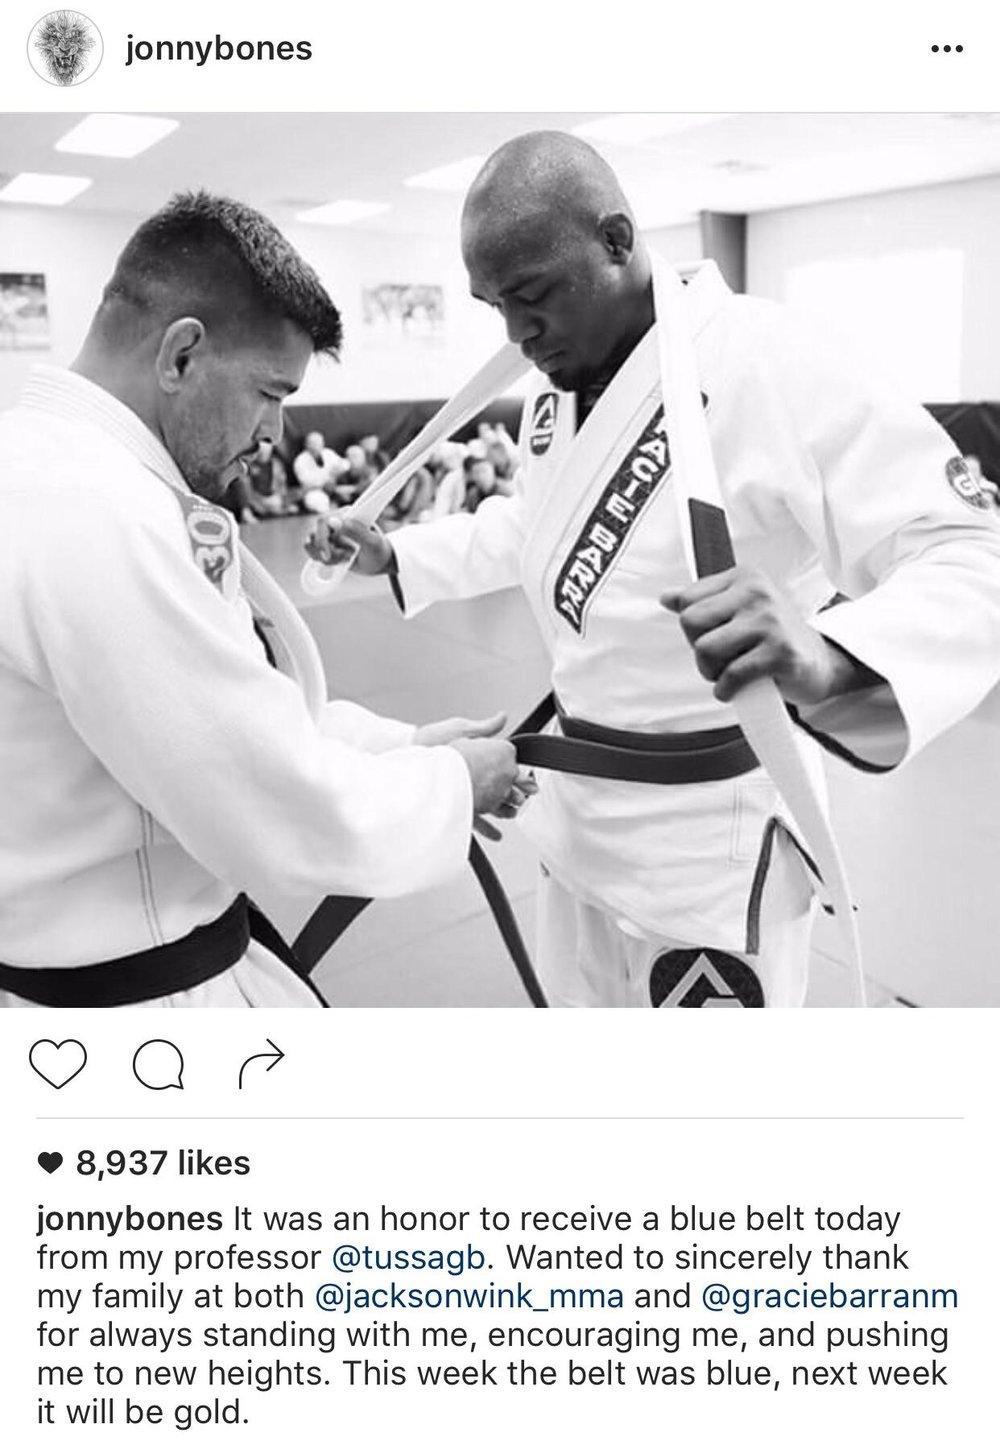 JonnyBones Instagram page